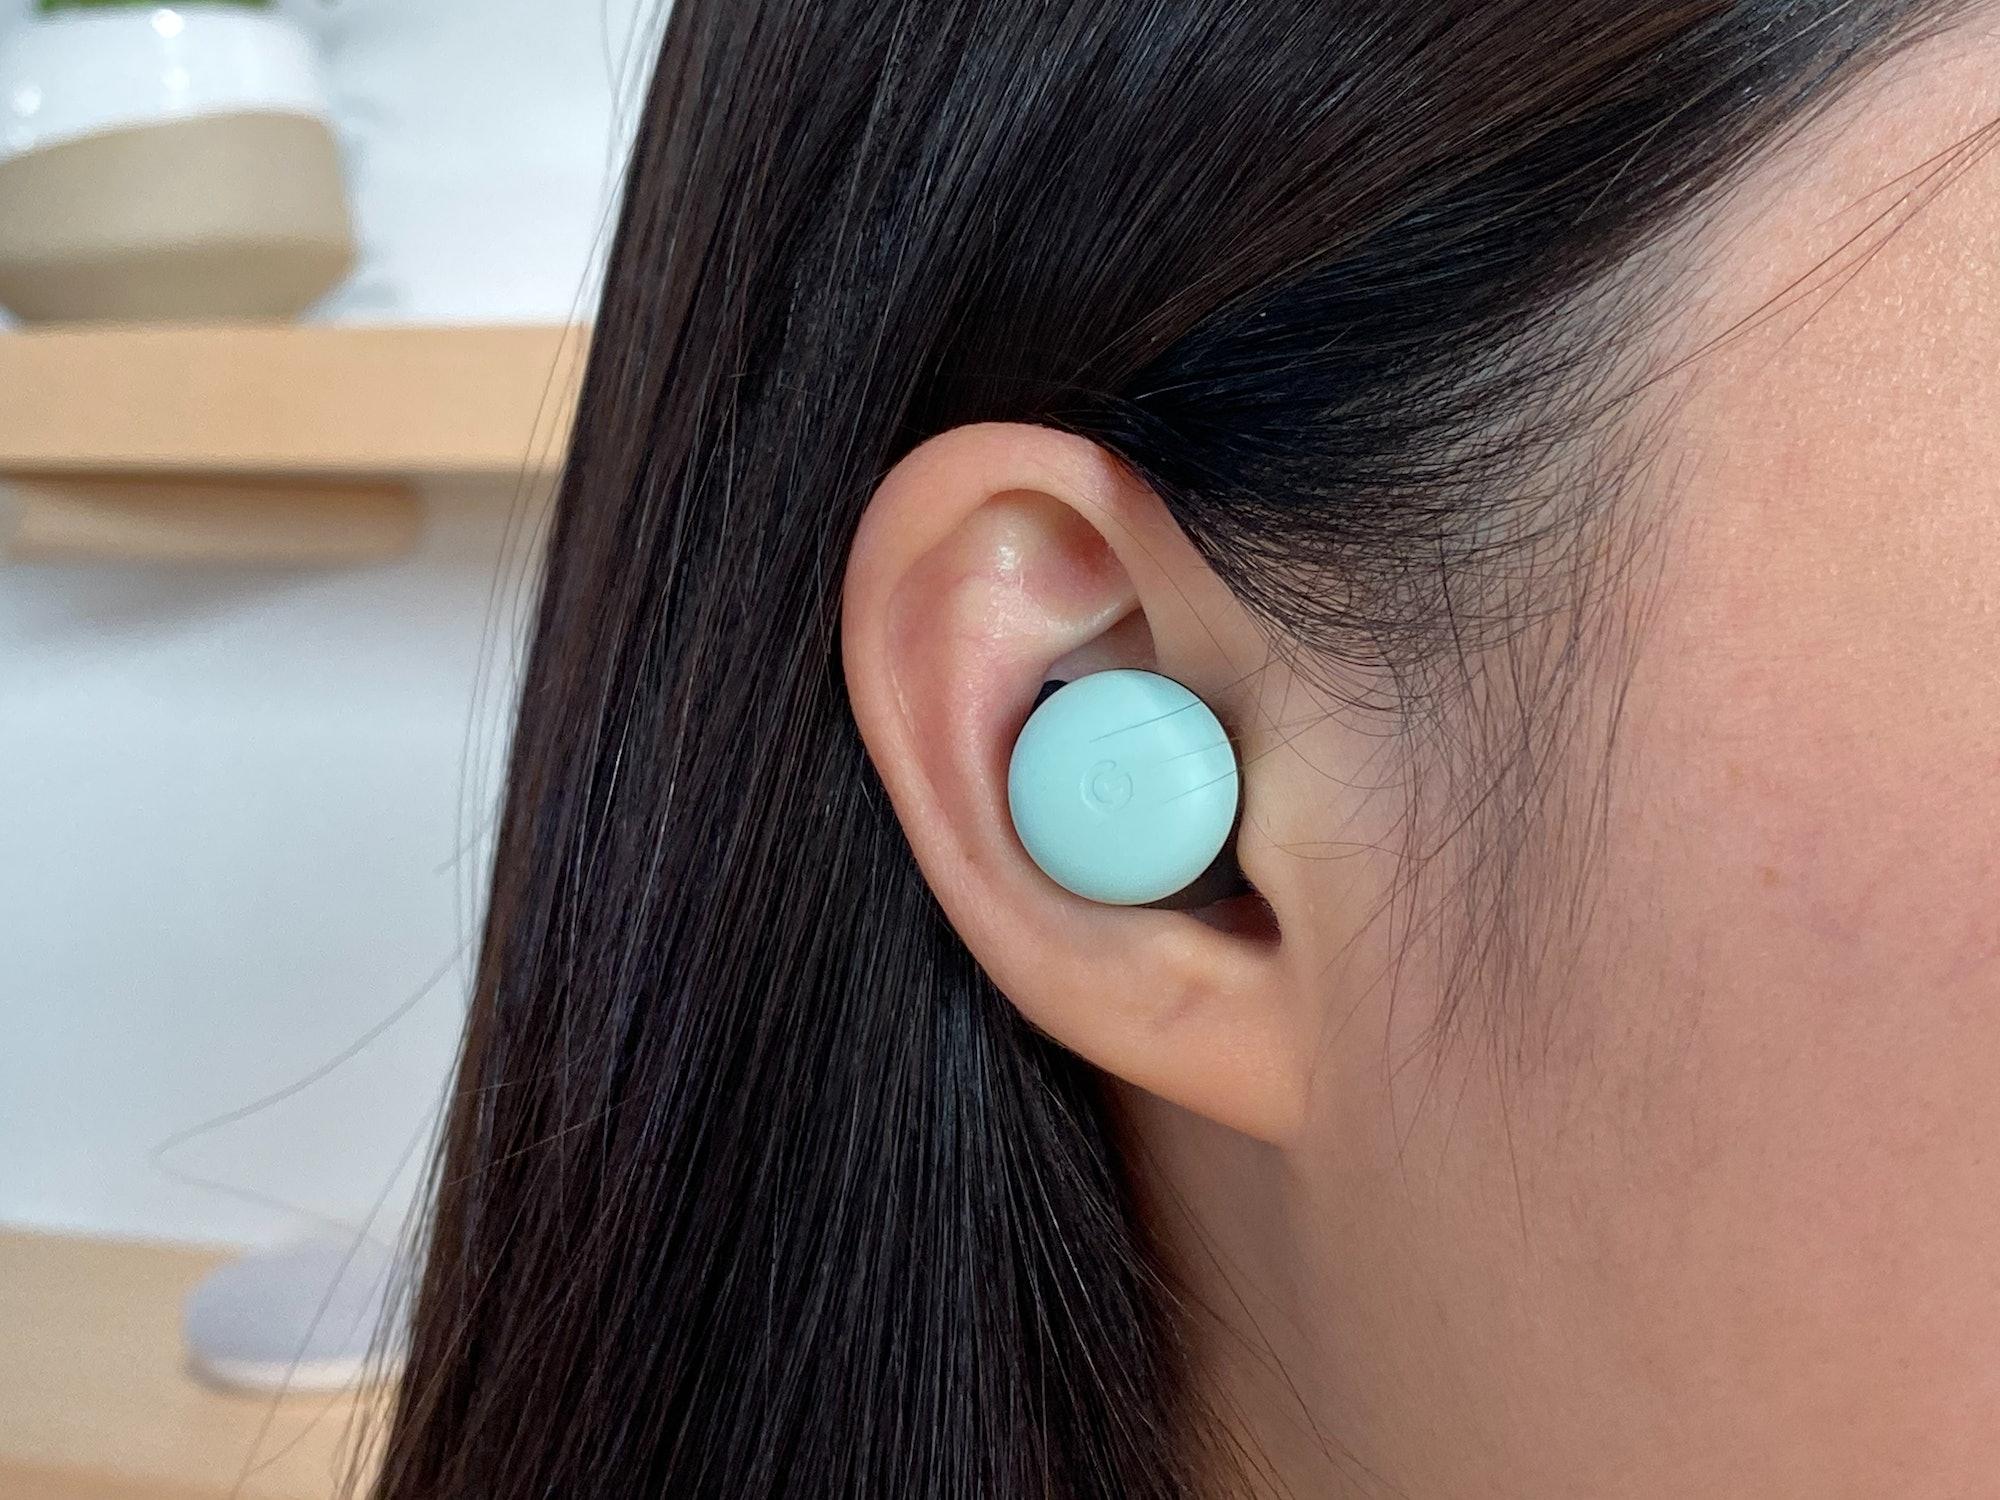 New Pixel Buds in ear